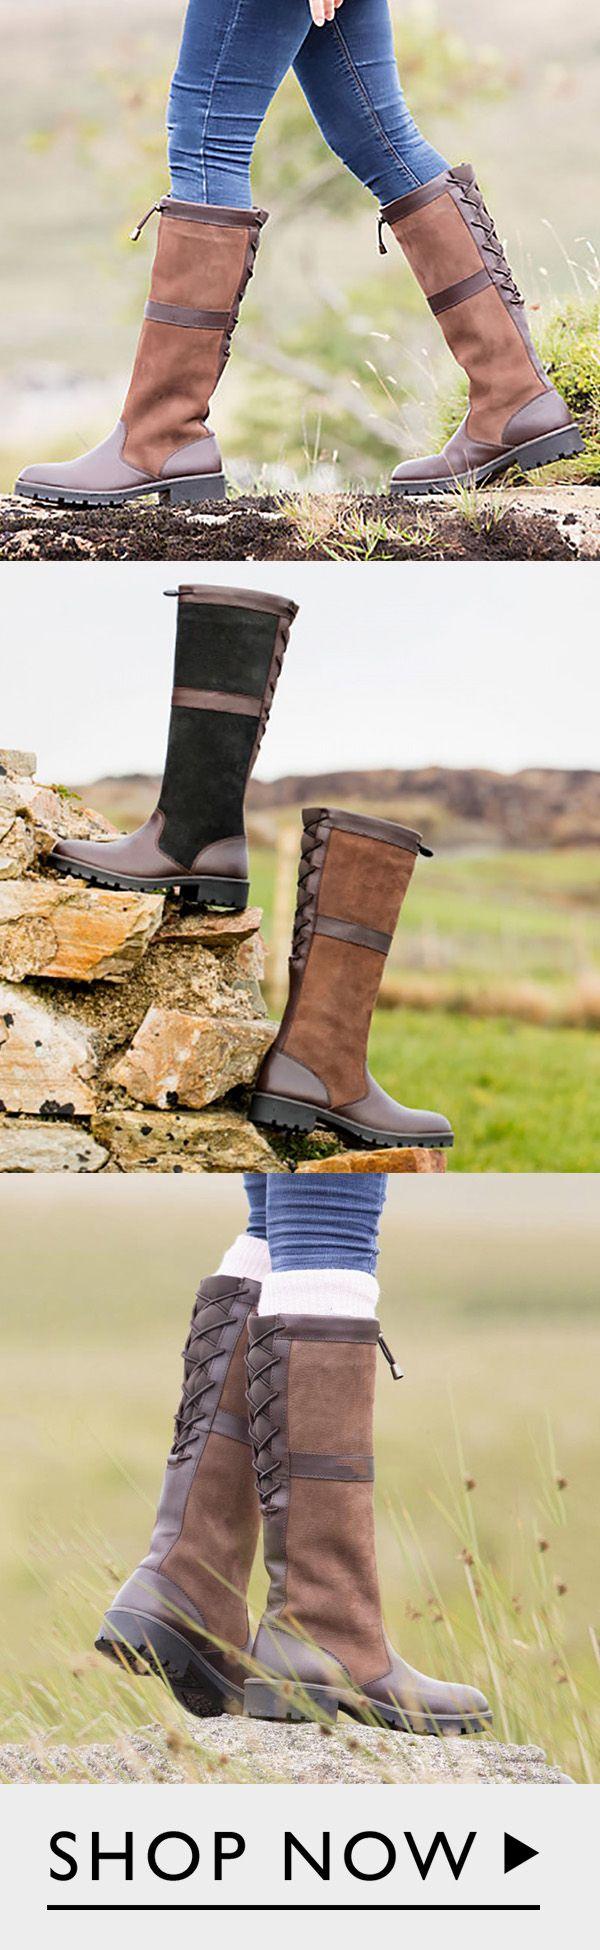 2018 winter boots, women boots, best